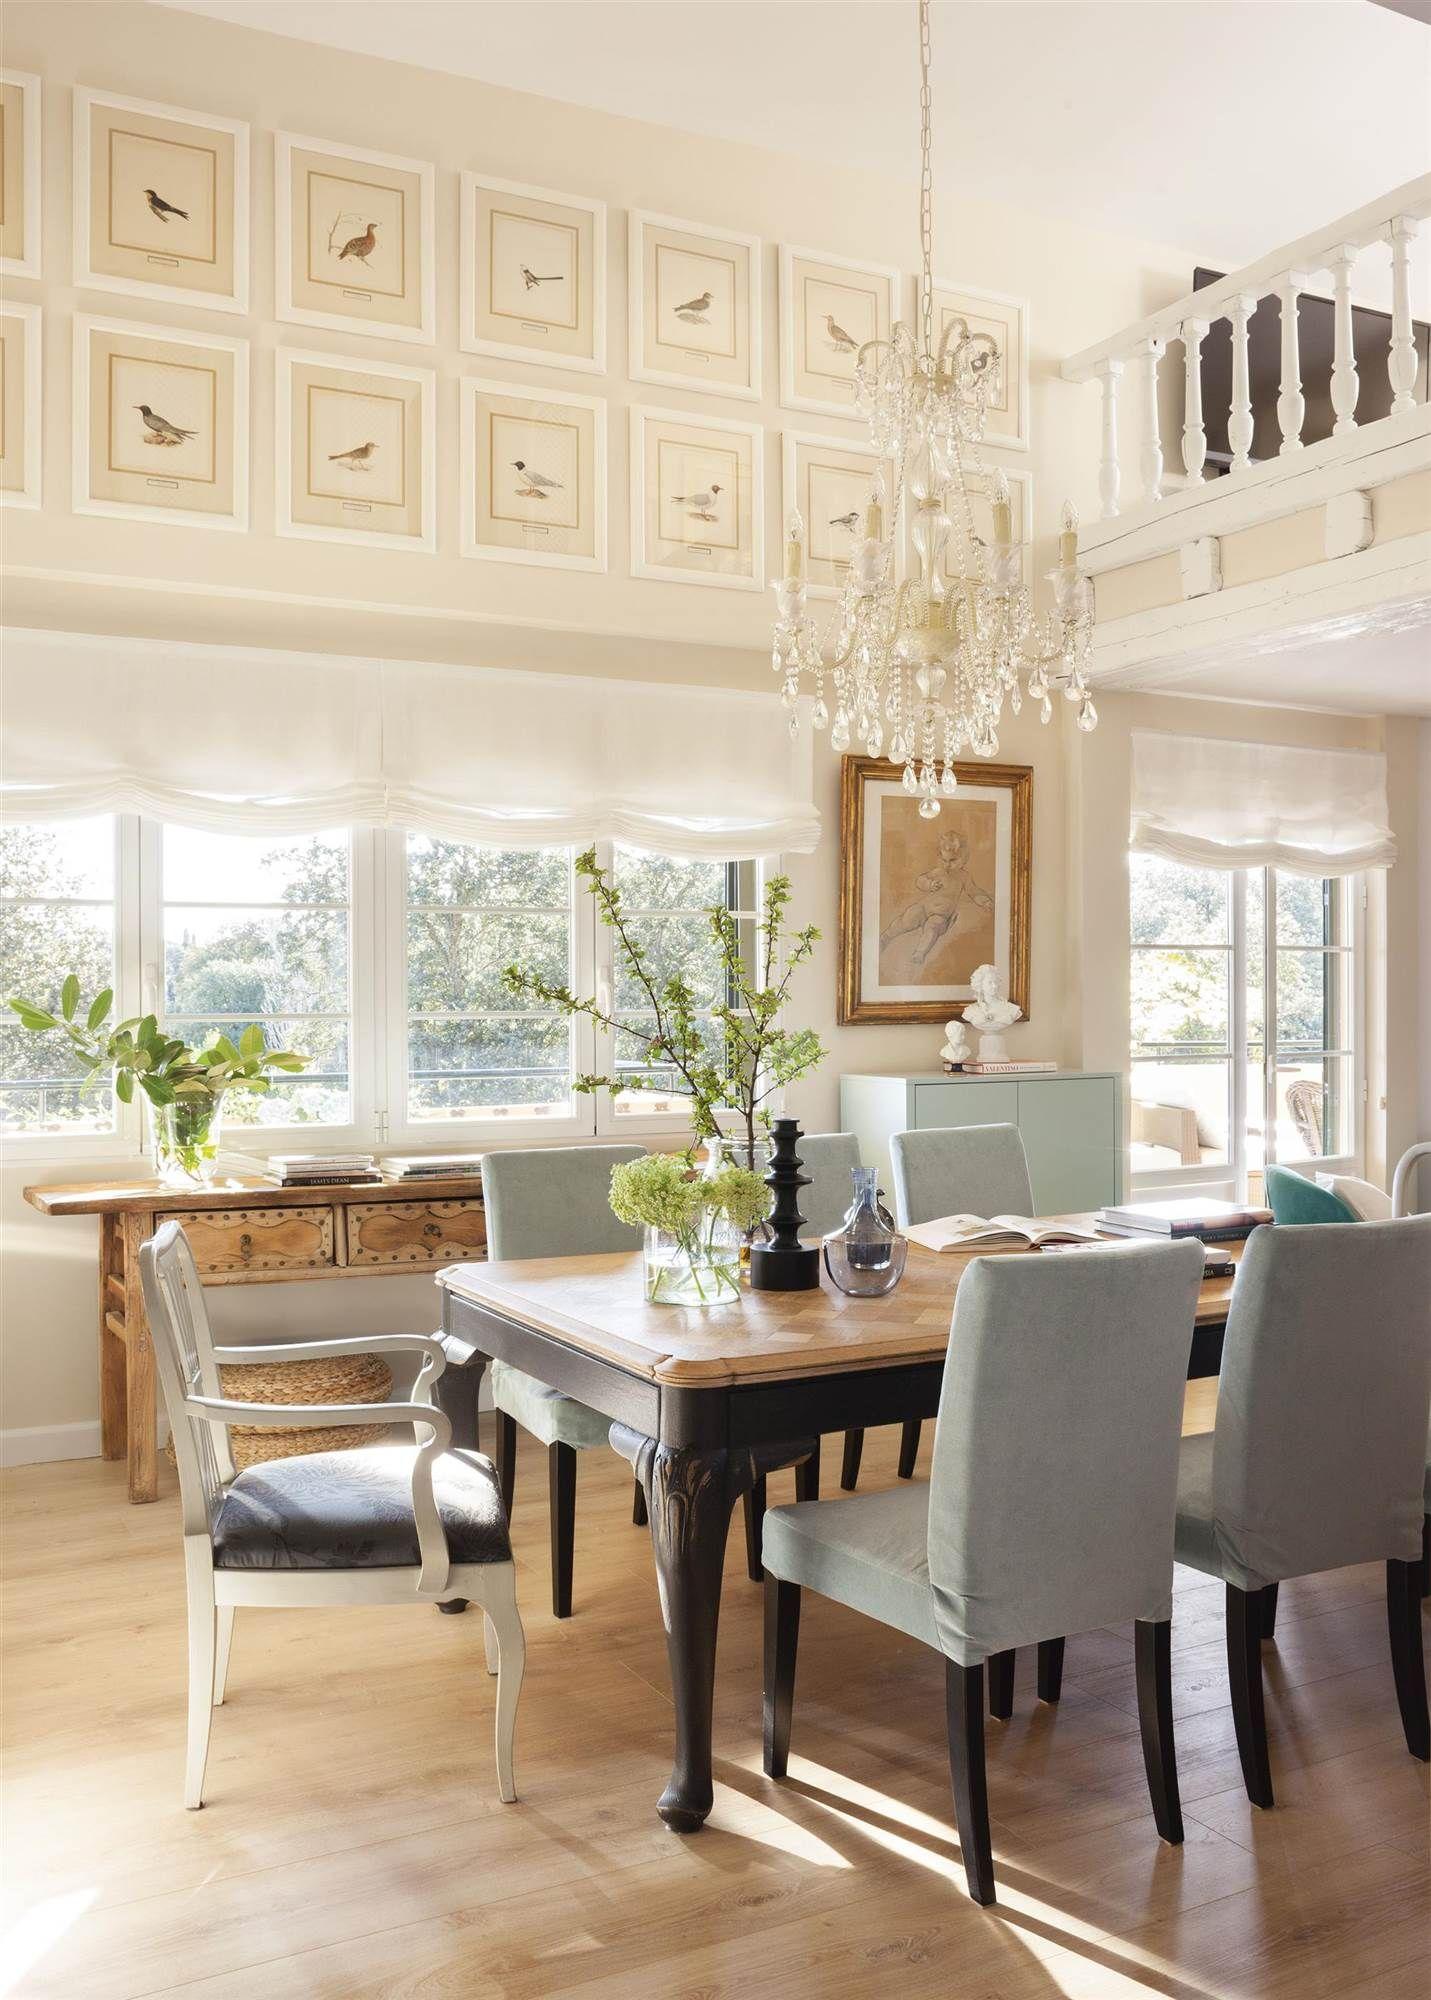 Comedor con silla gustaviana chandelier cuadros de aves y aparador